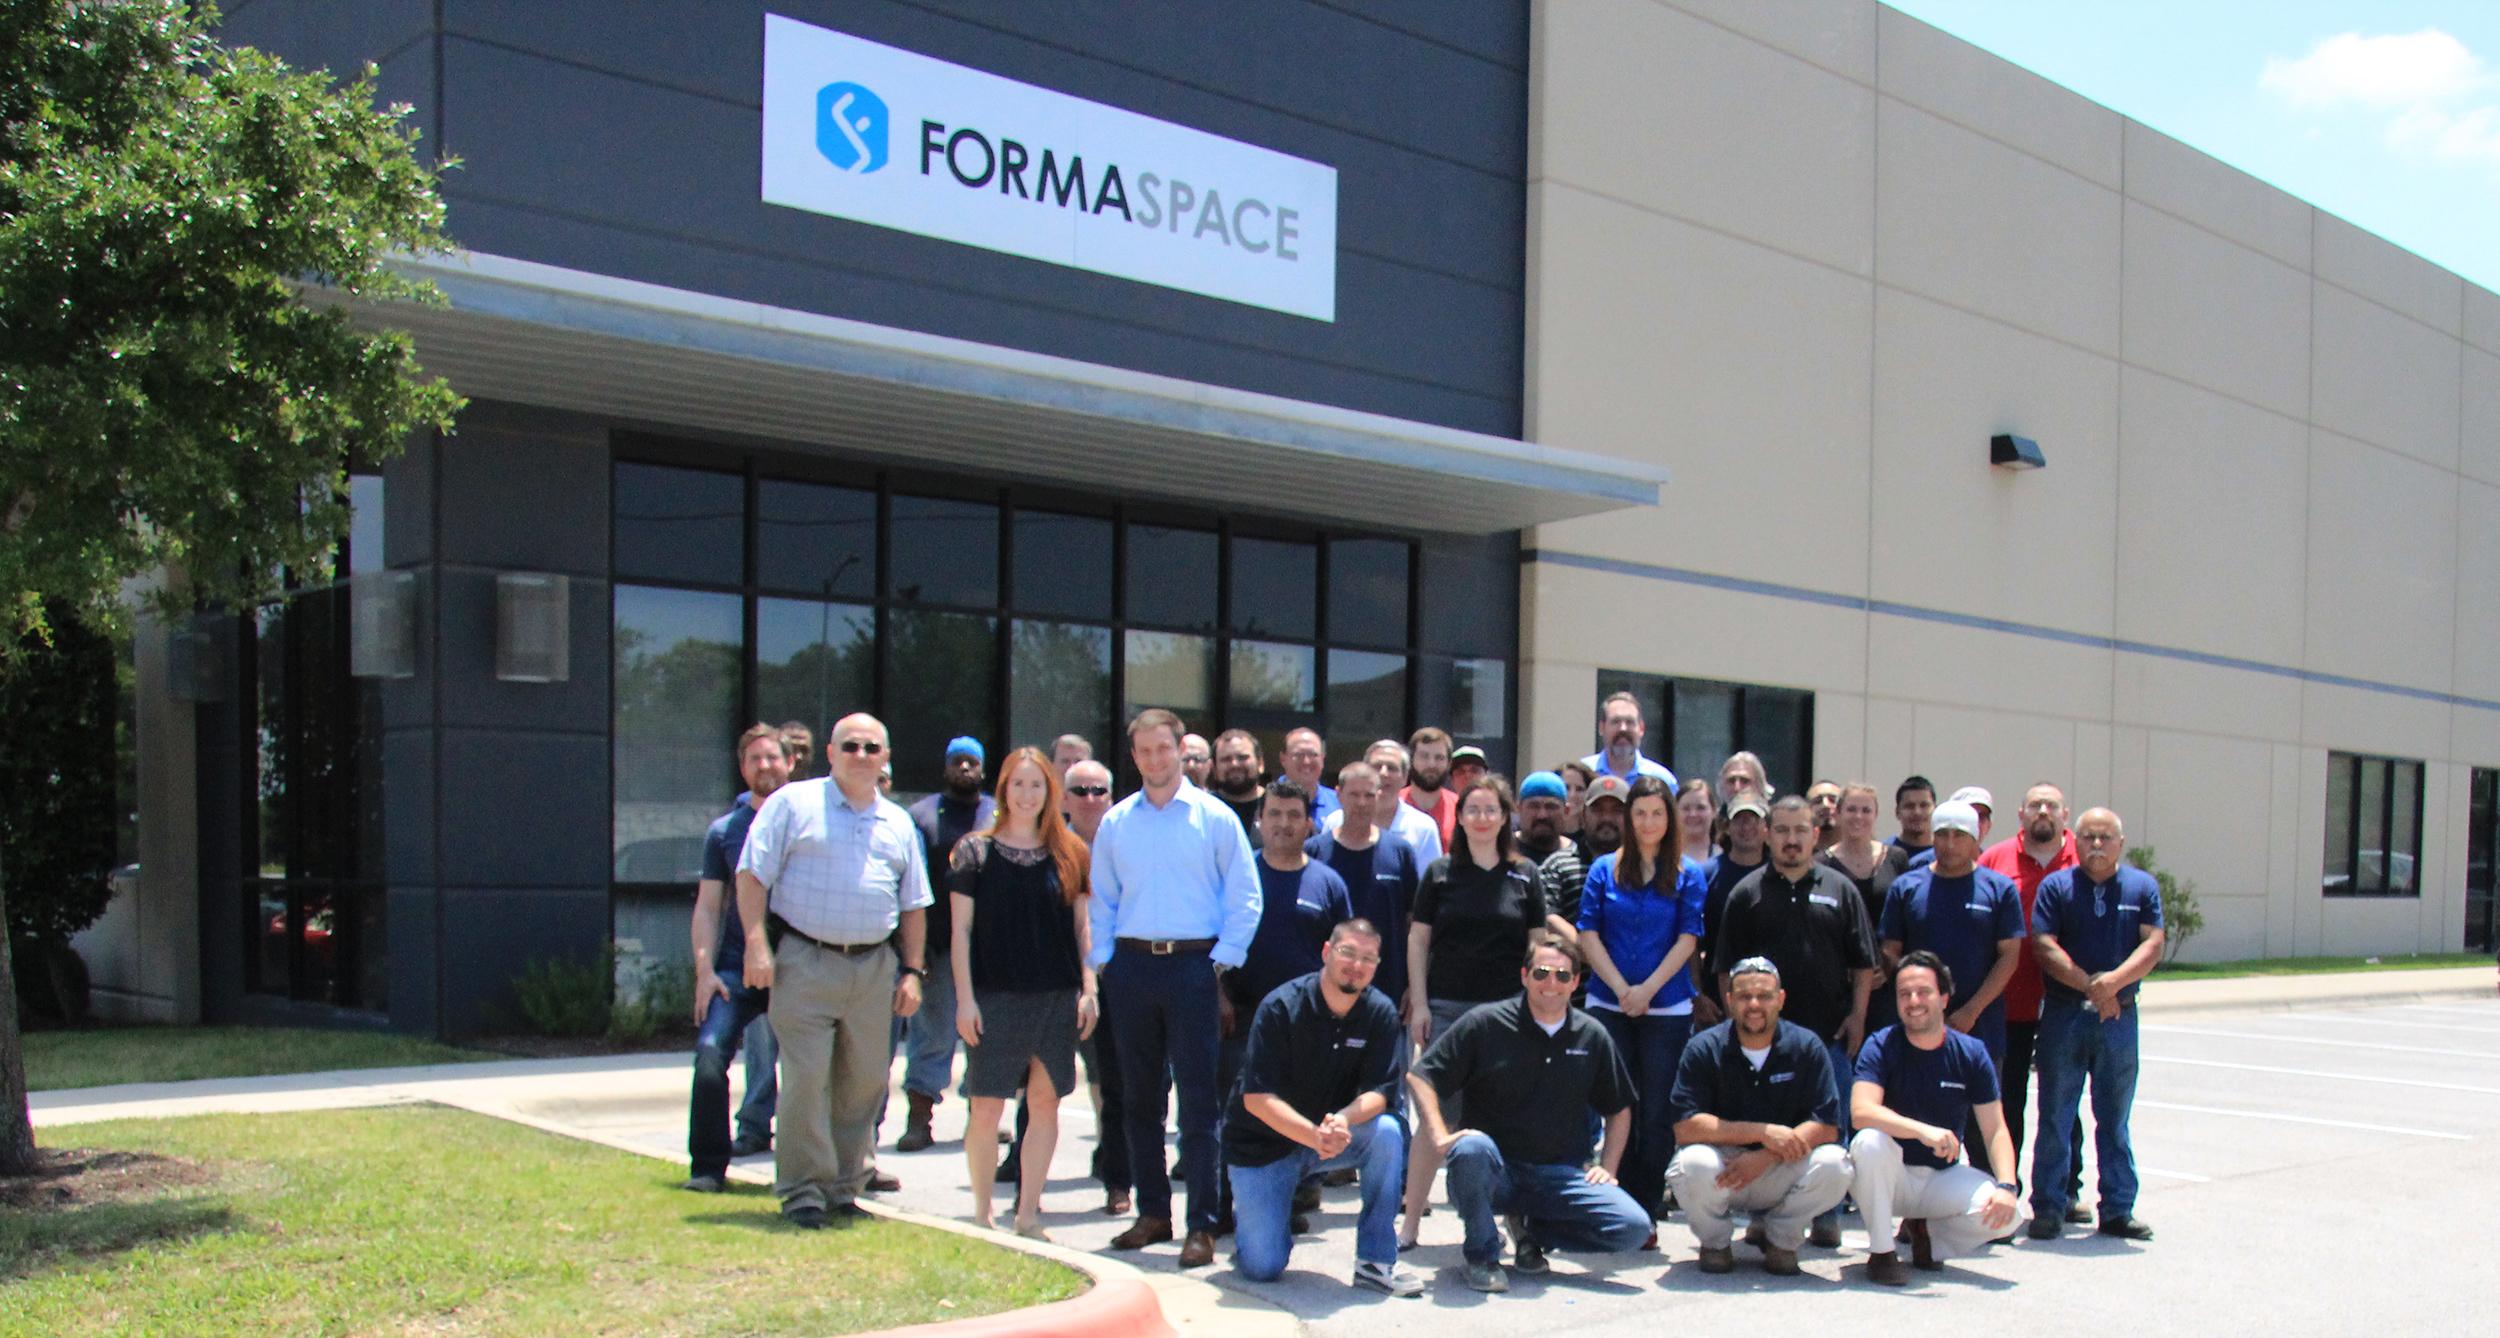 Formaspace Team Outside